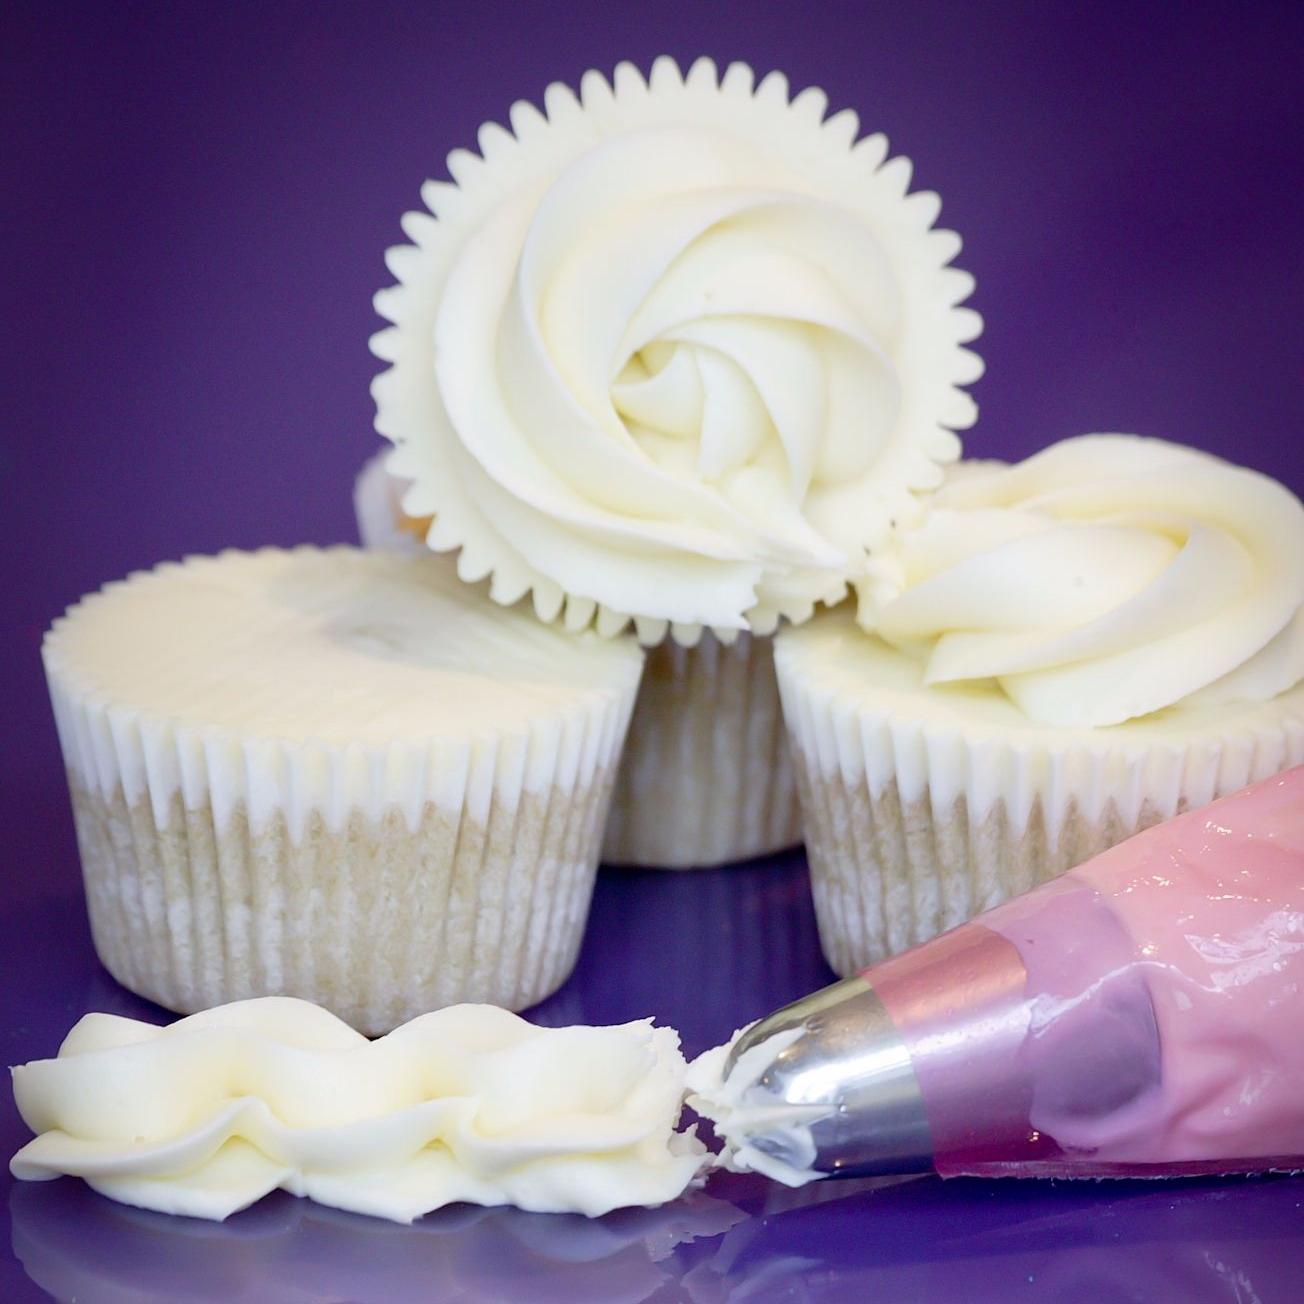 Vanilla Buttercream on Cupcakes